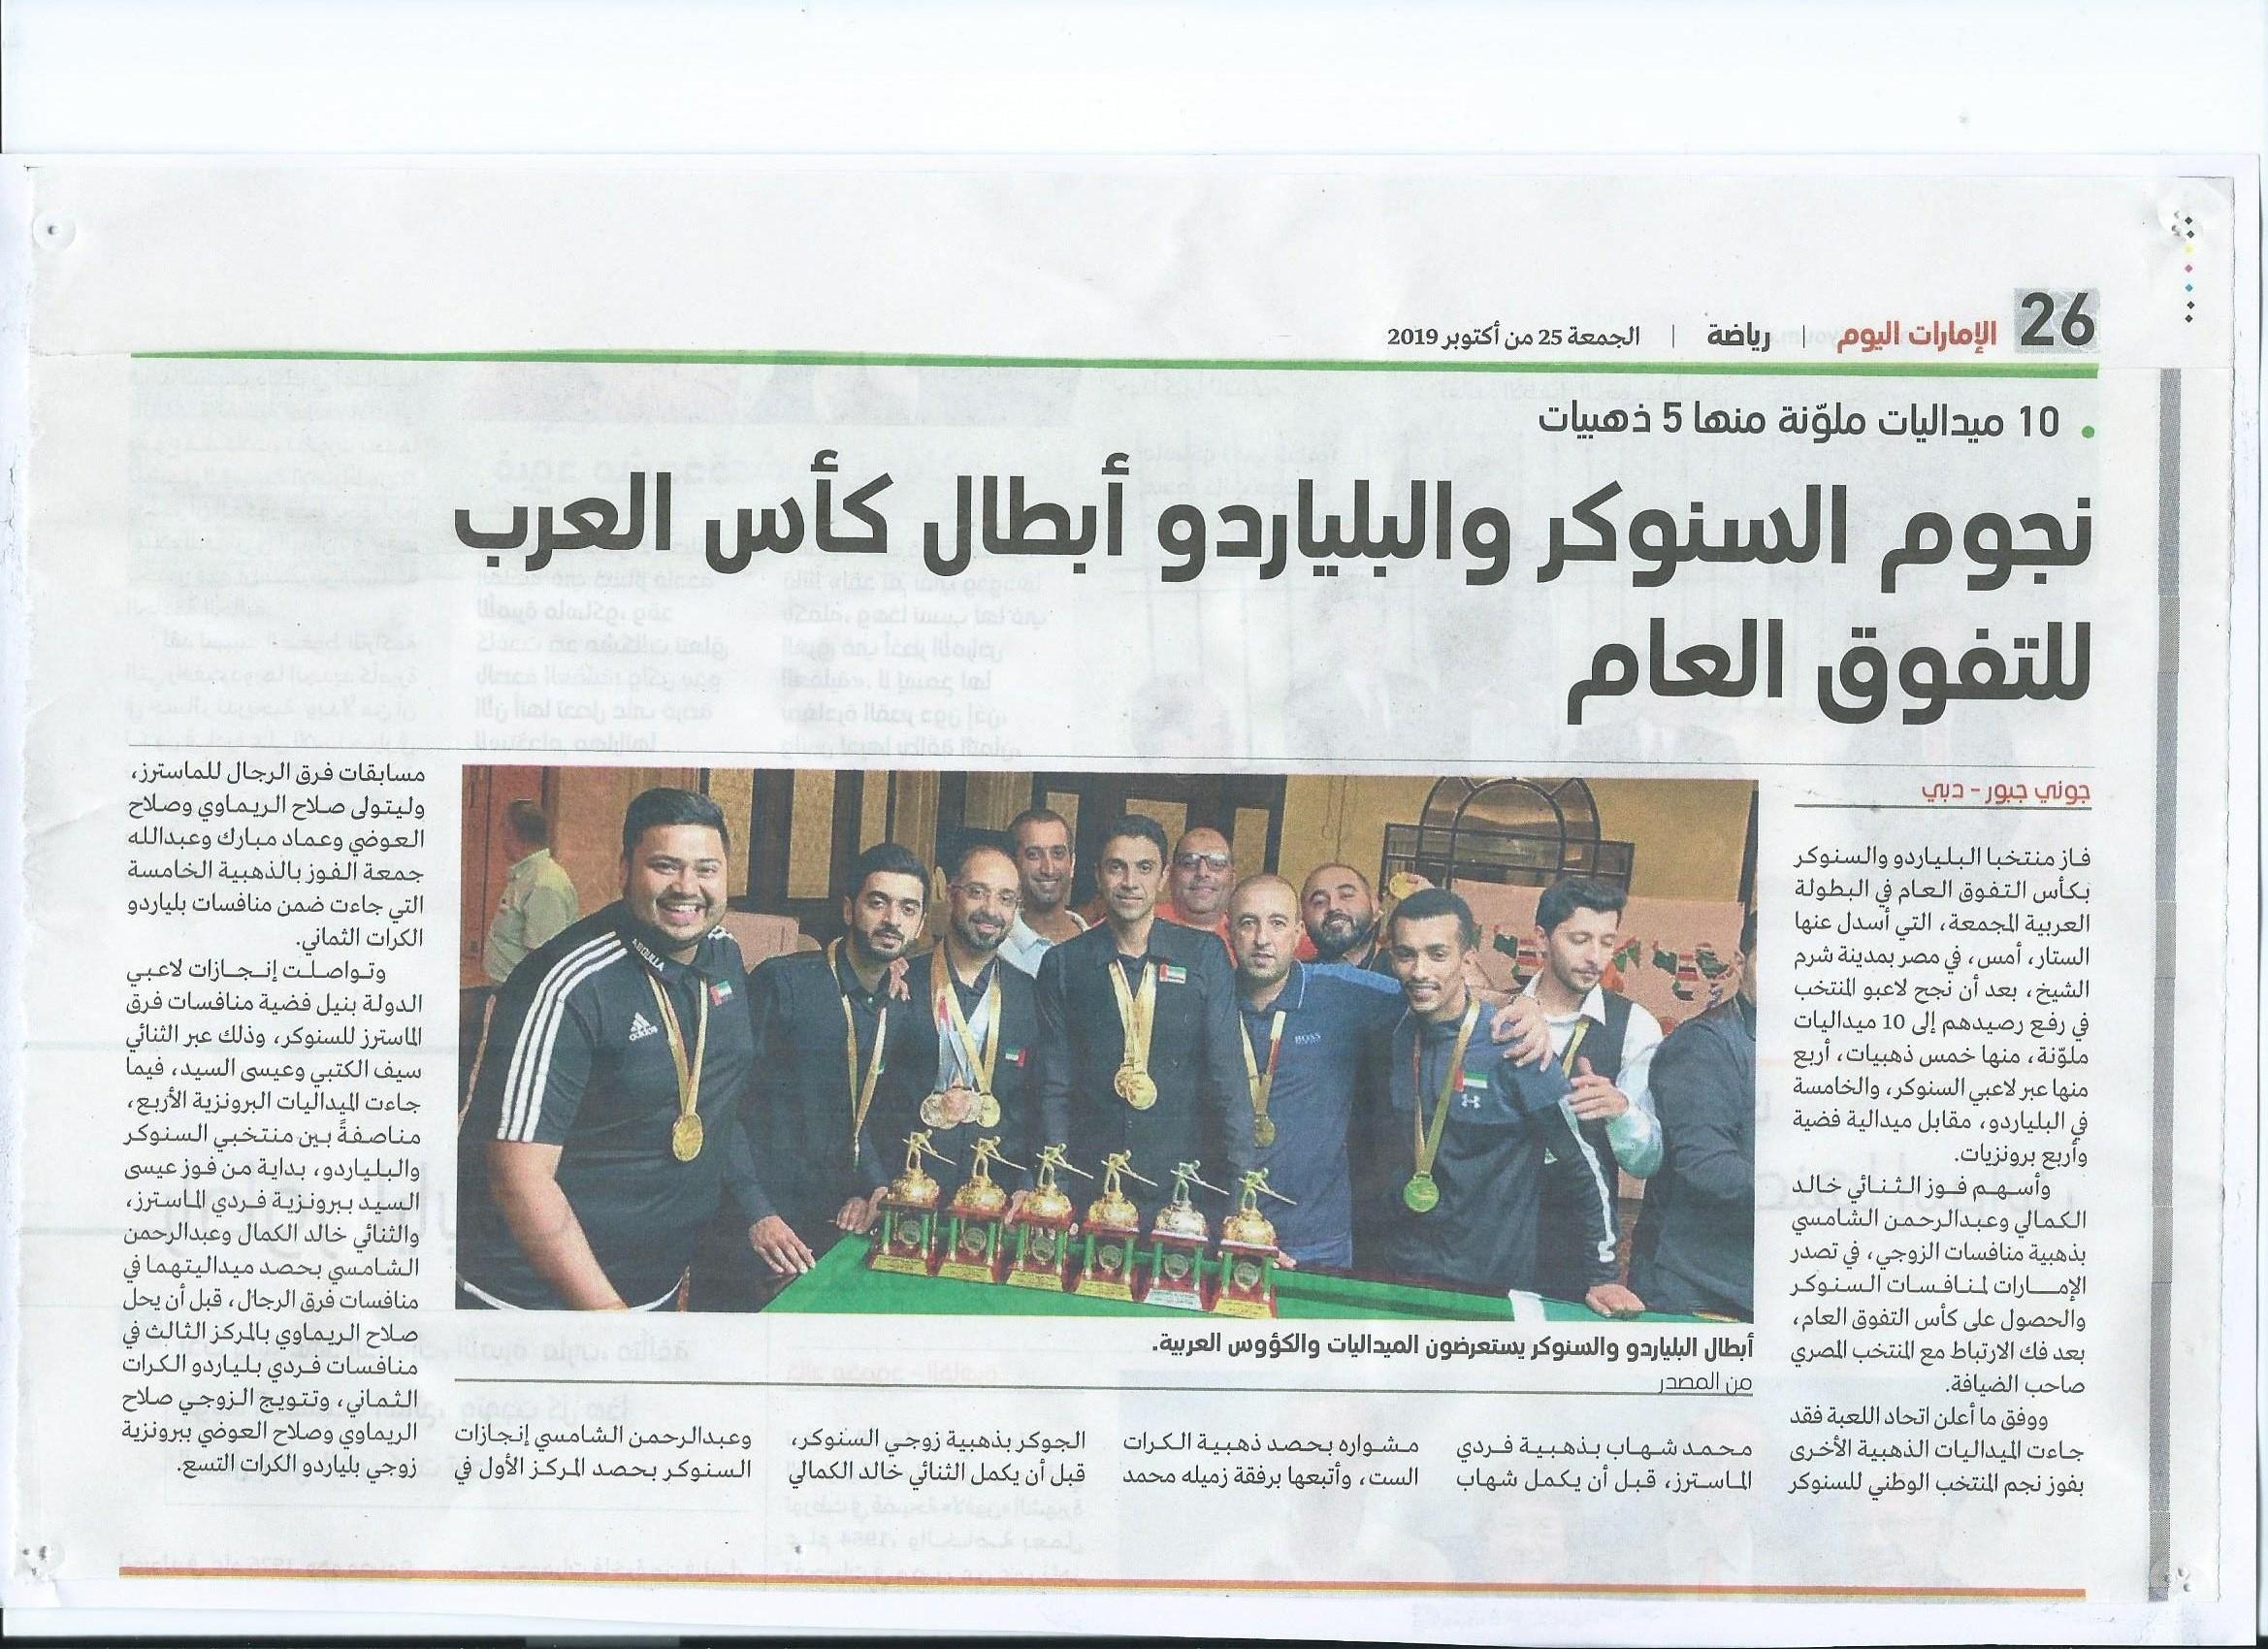 10 ميداليات ملونة منها 5 ذهبيات - نجوم السنوكر والبلياردو أبطال كأس العرب للتفوق العام